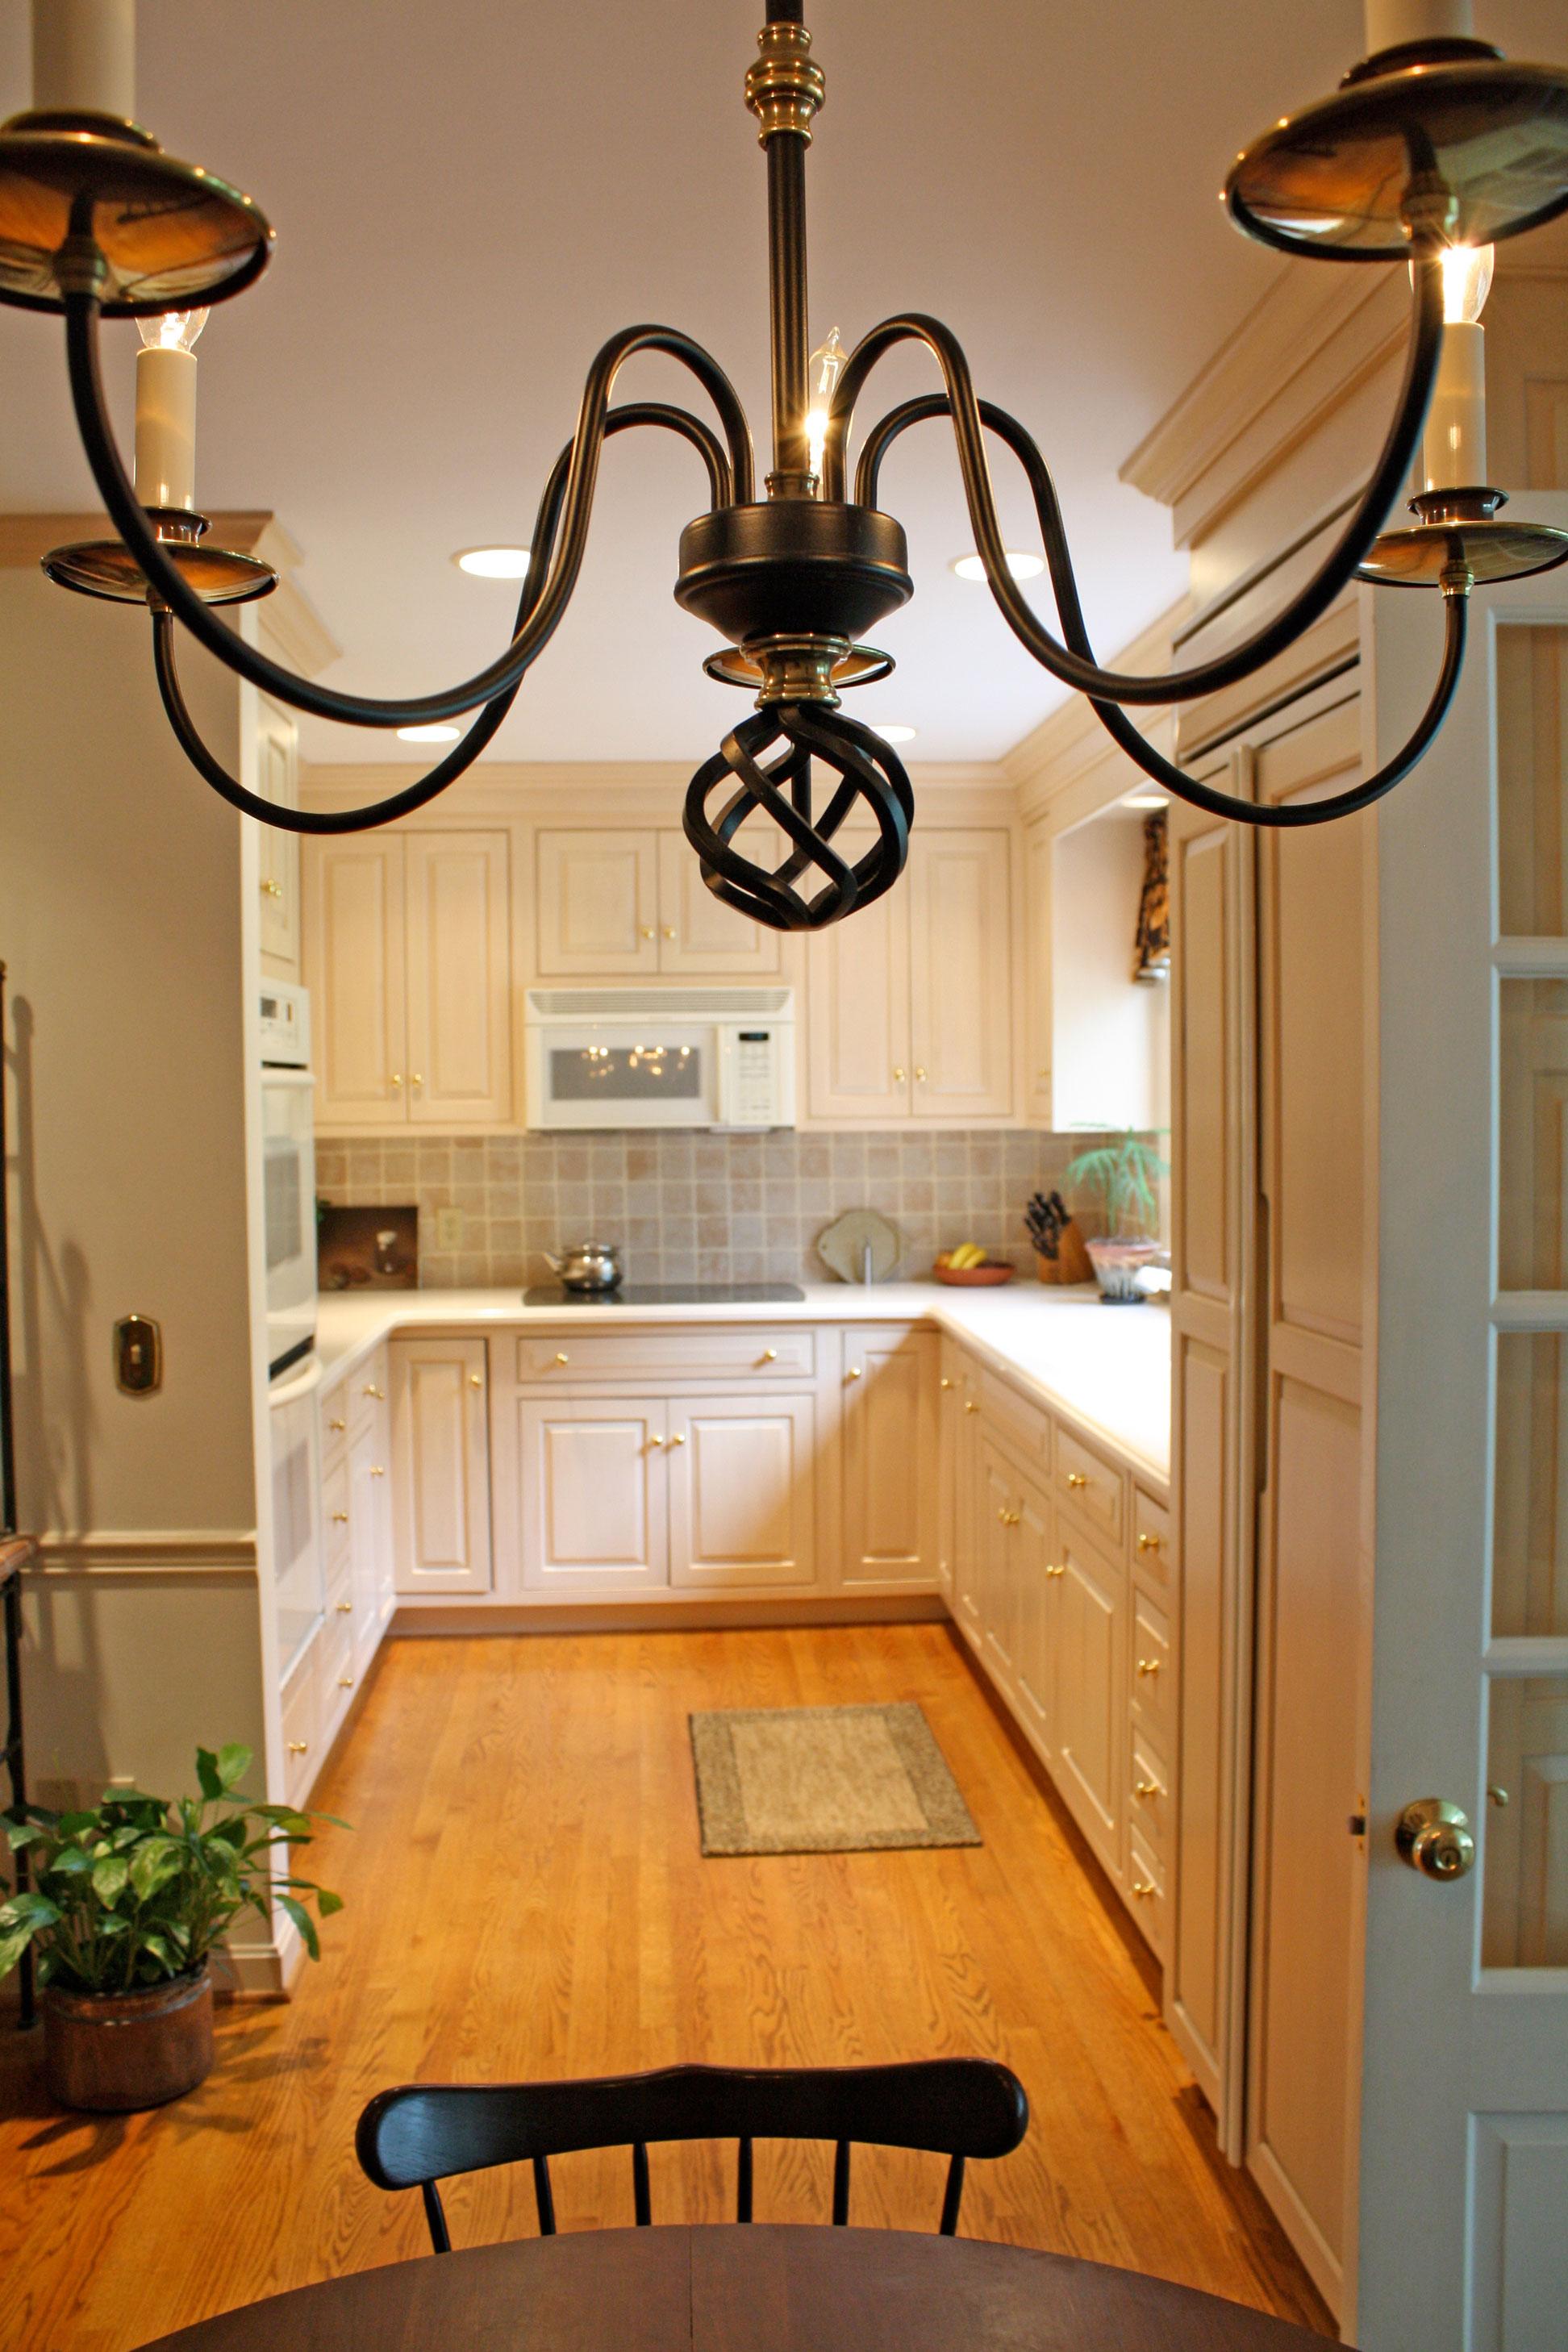 kitchen-beige-cabinets-full-view.jpg